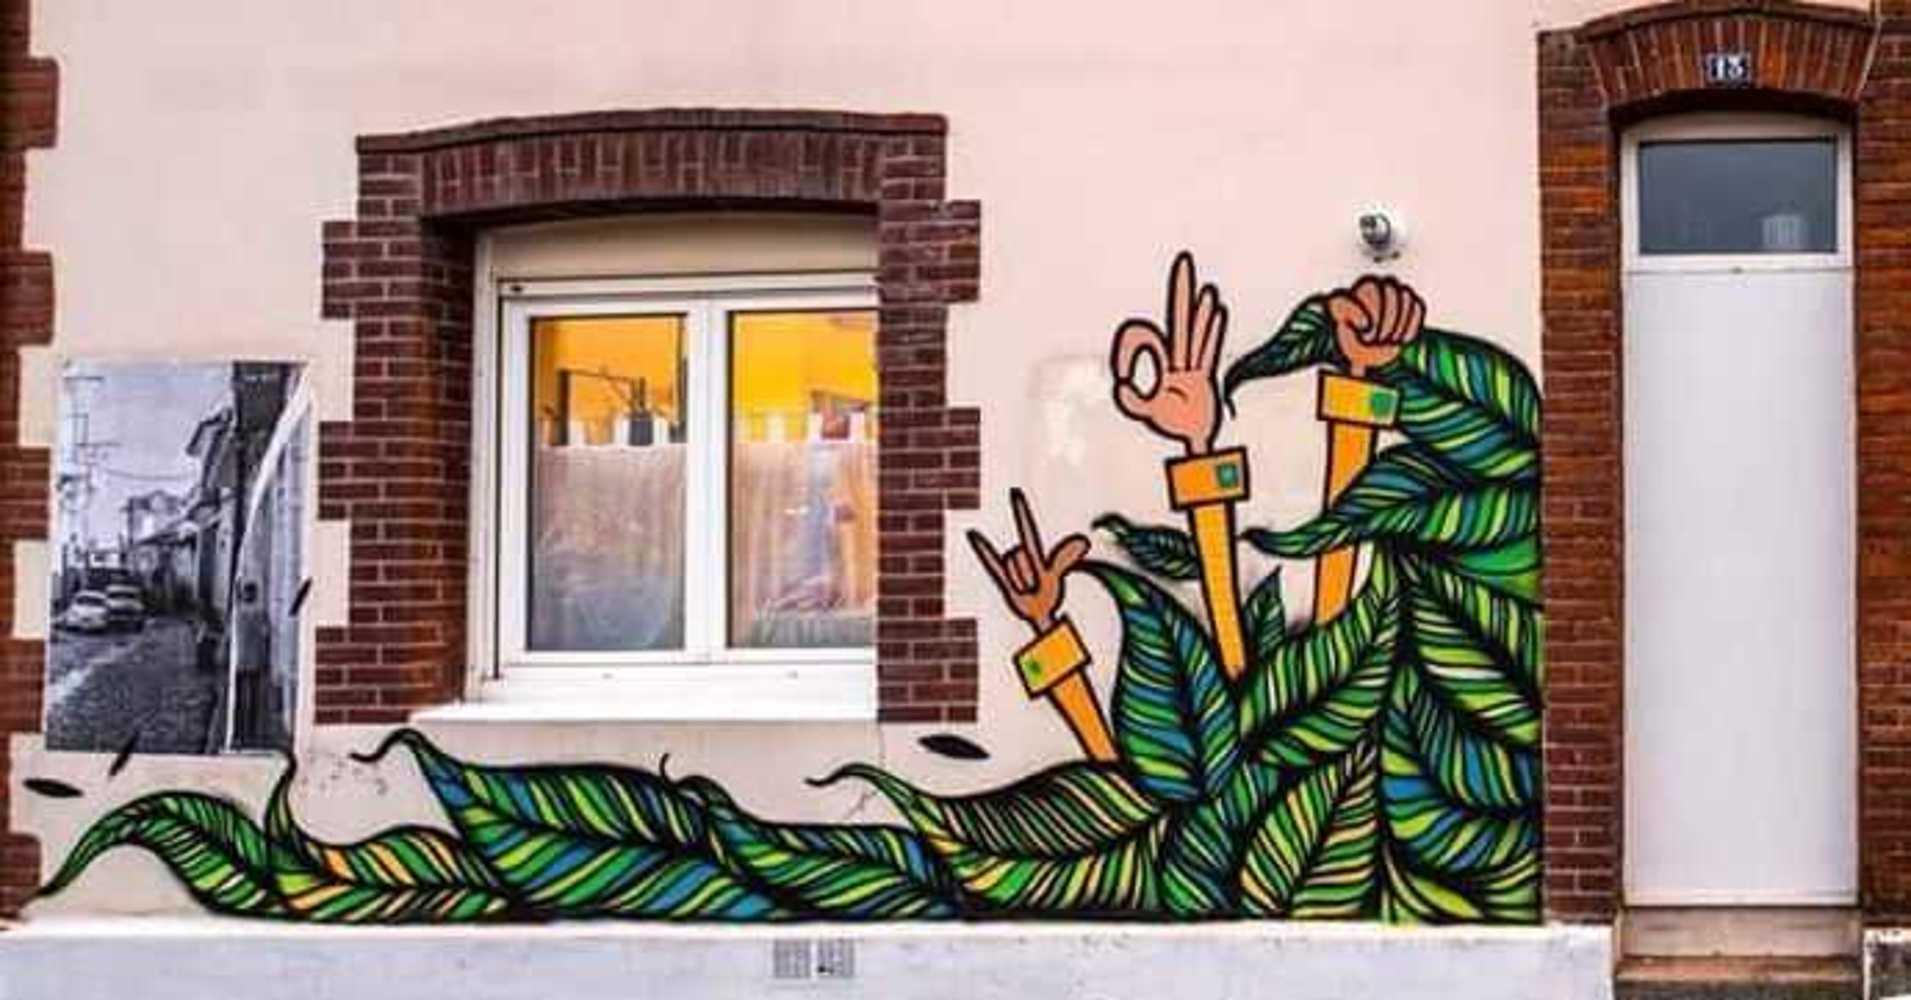 Le peintre ThiagoRitual inaugure « Robien les murs » 2616920818232664610173491439938748510626355n